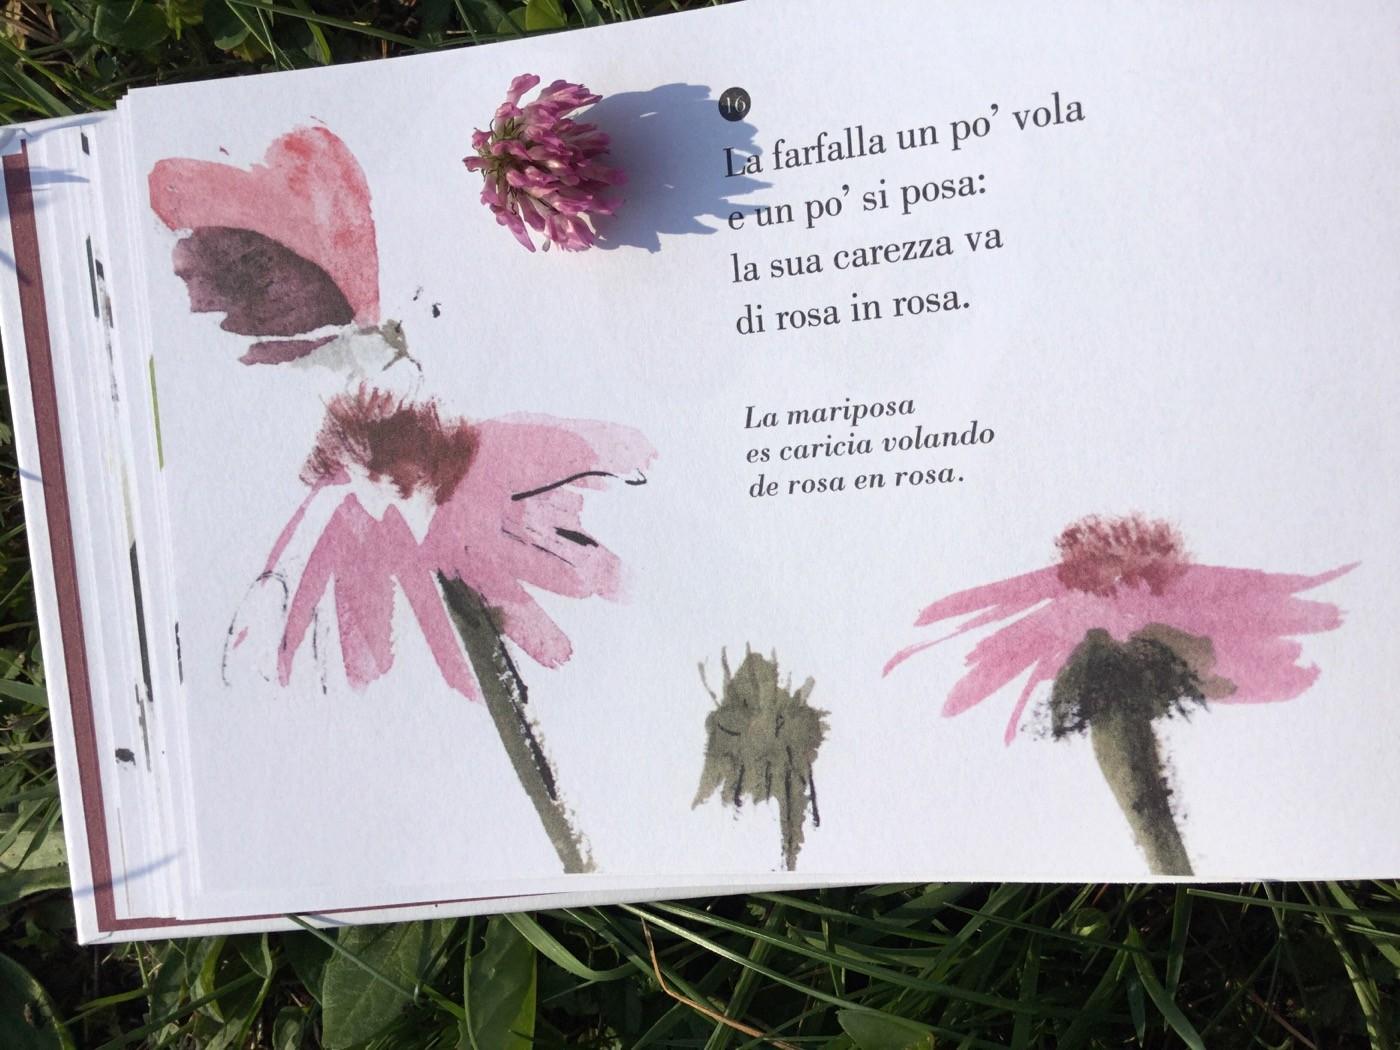 poemario_campo_Antonio_palacios_leticia_ruifernandez_orecchio_acerbo_galline_volanti